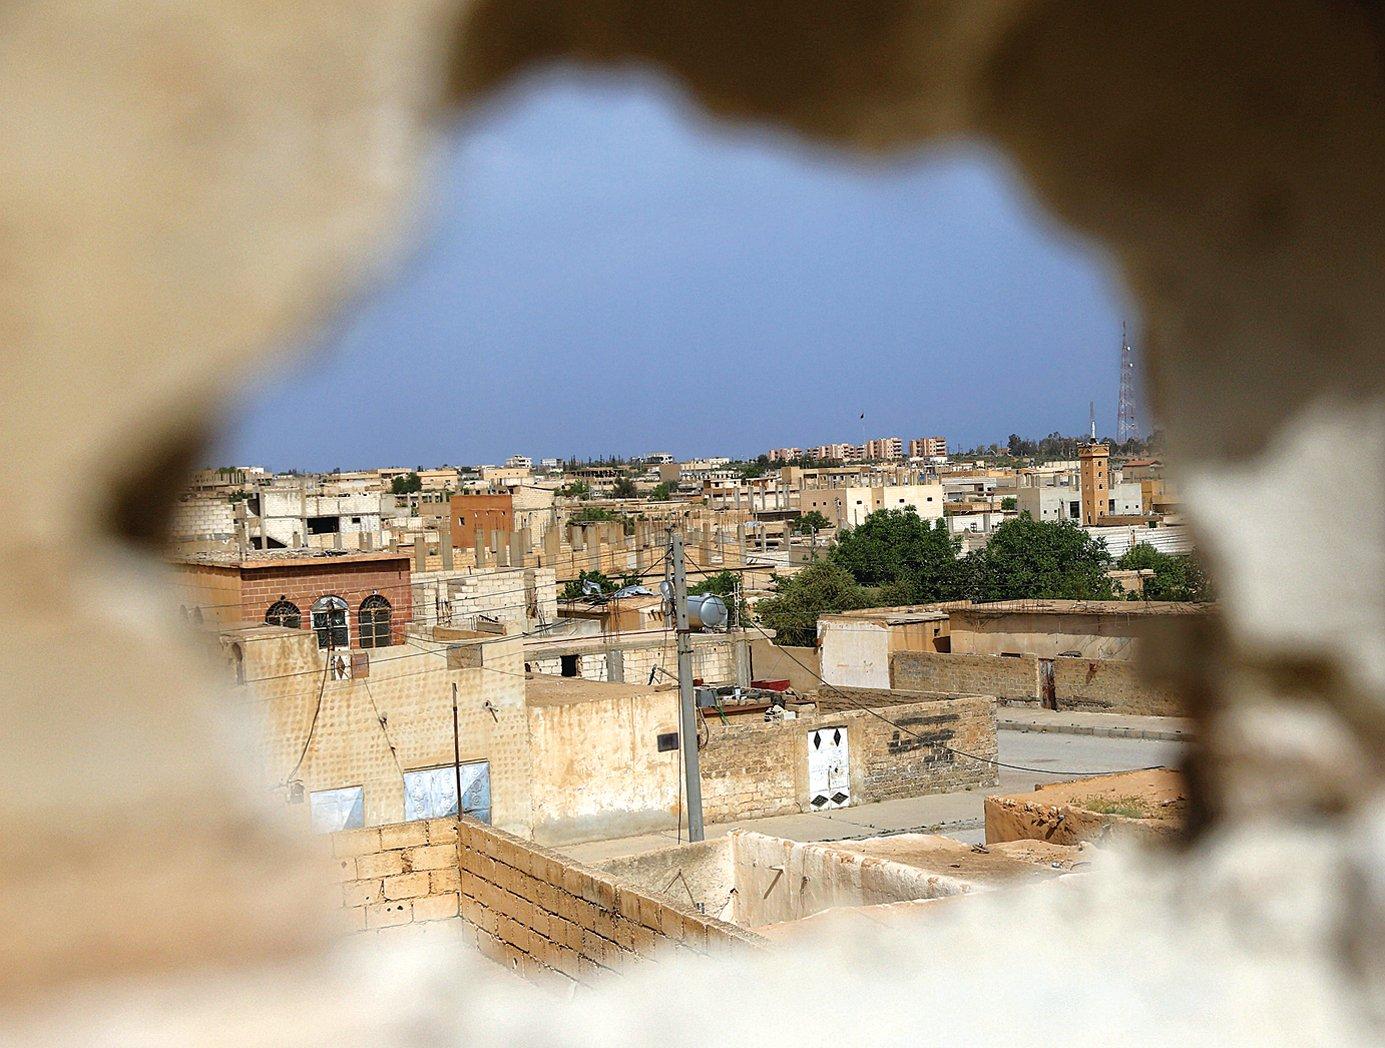 敘利亞軍事重鎮塔布卡(Tabqa)目前是美國和俄羅斯、伊朗勢力在敘利亞爭奪的焦點。(AFP)